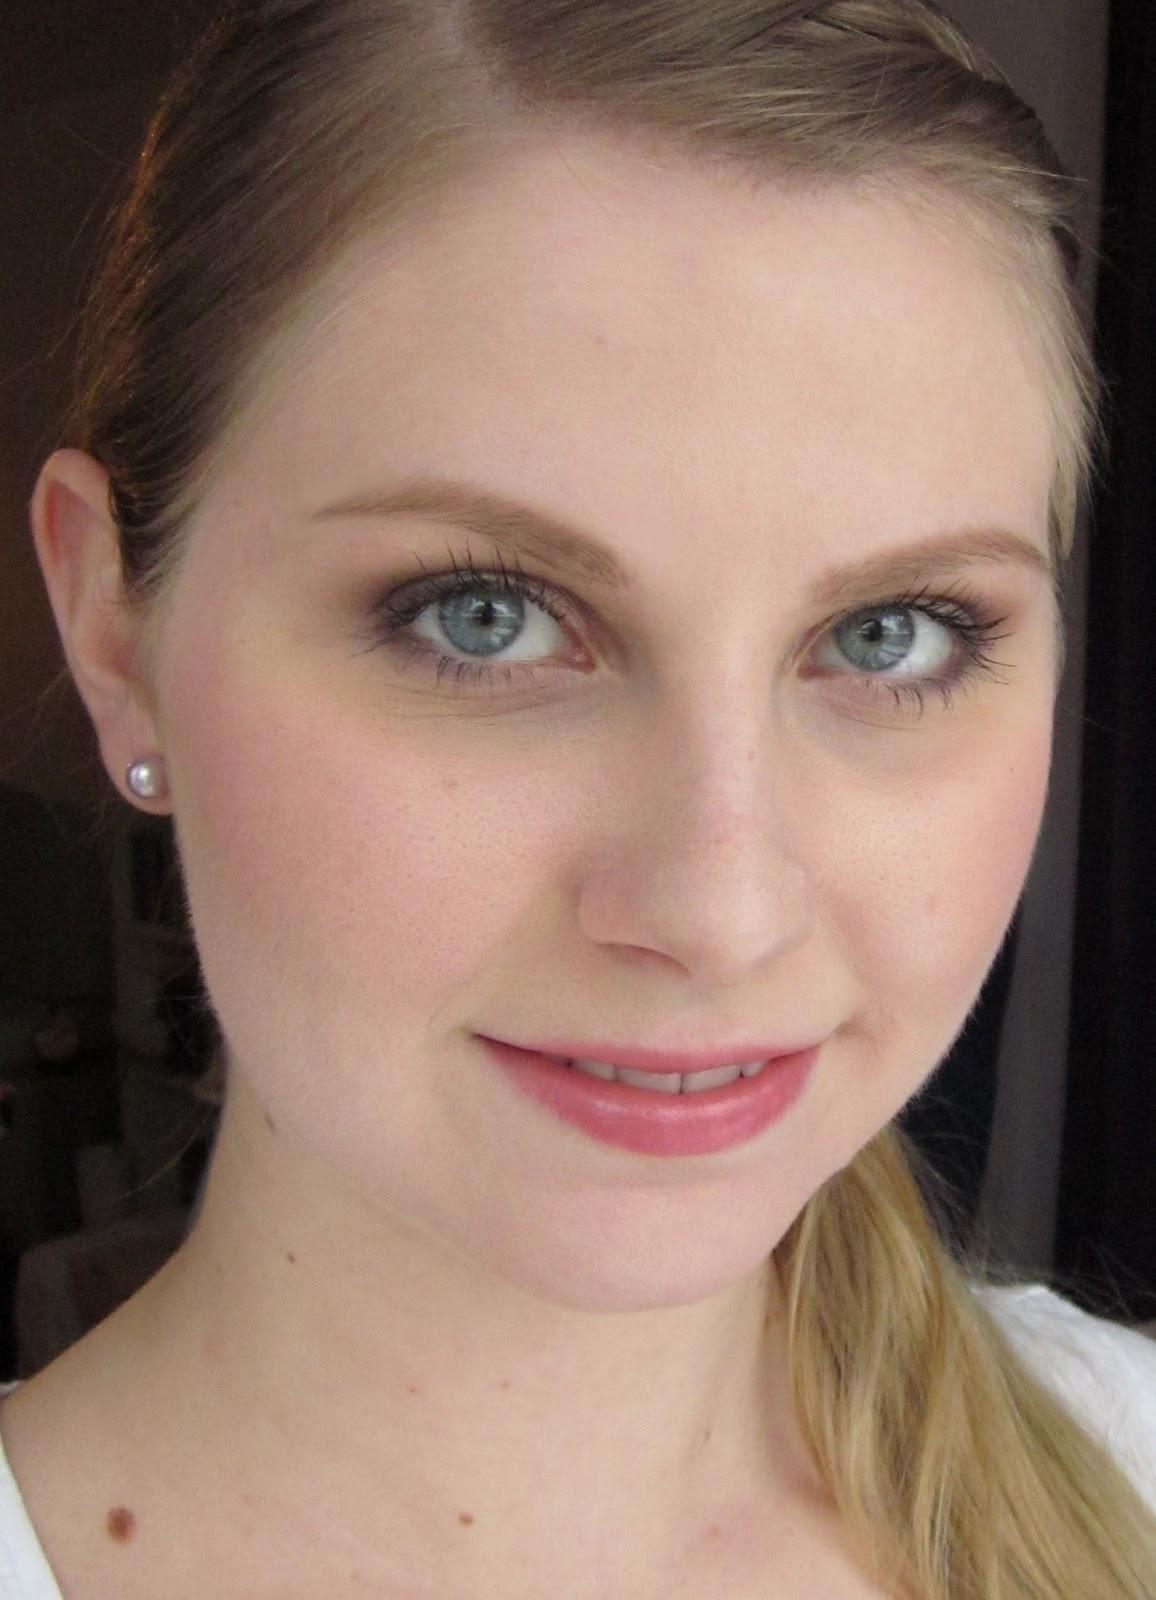 Margit Der Beauty Koala Januar 2013